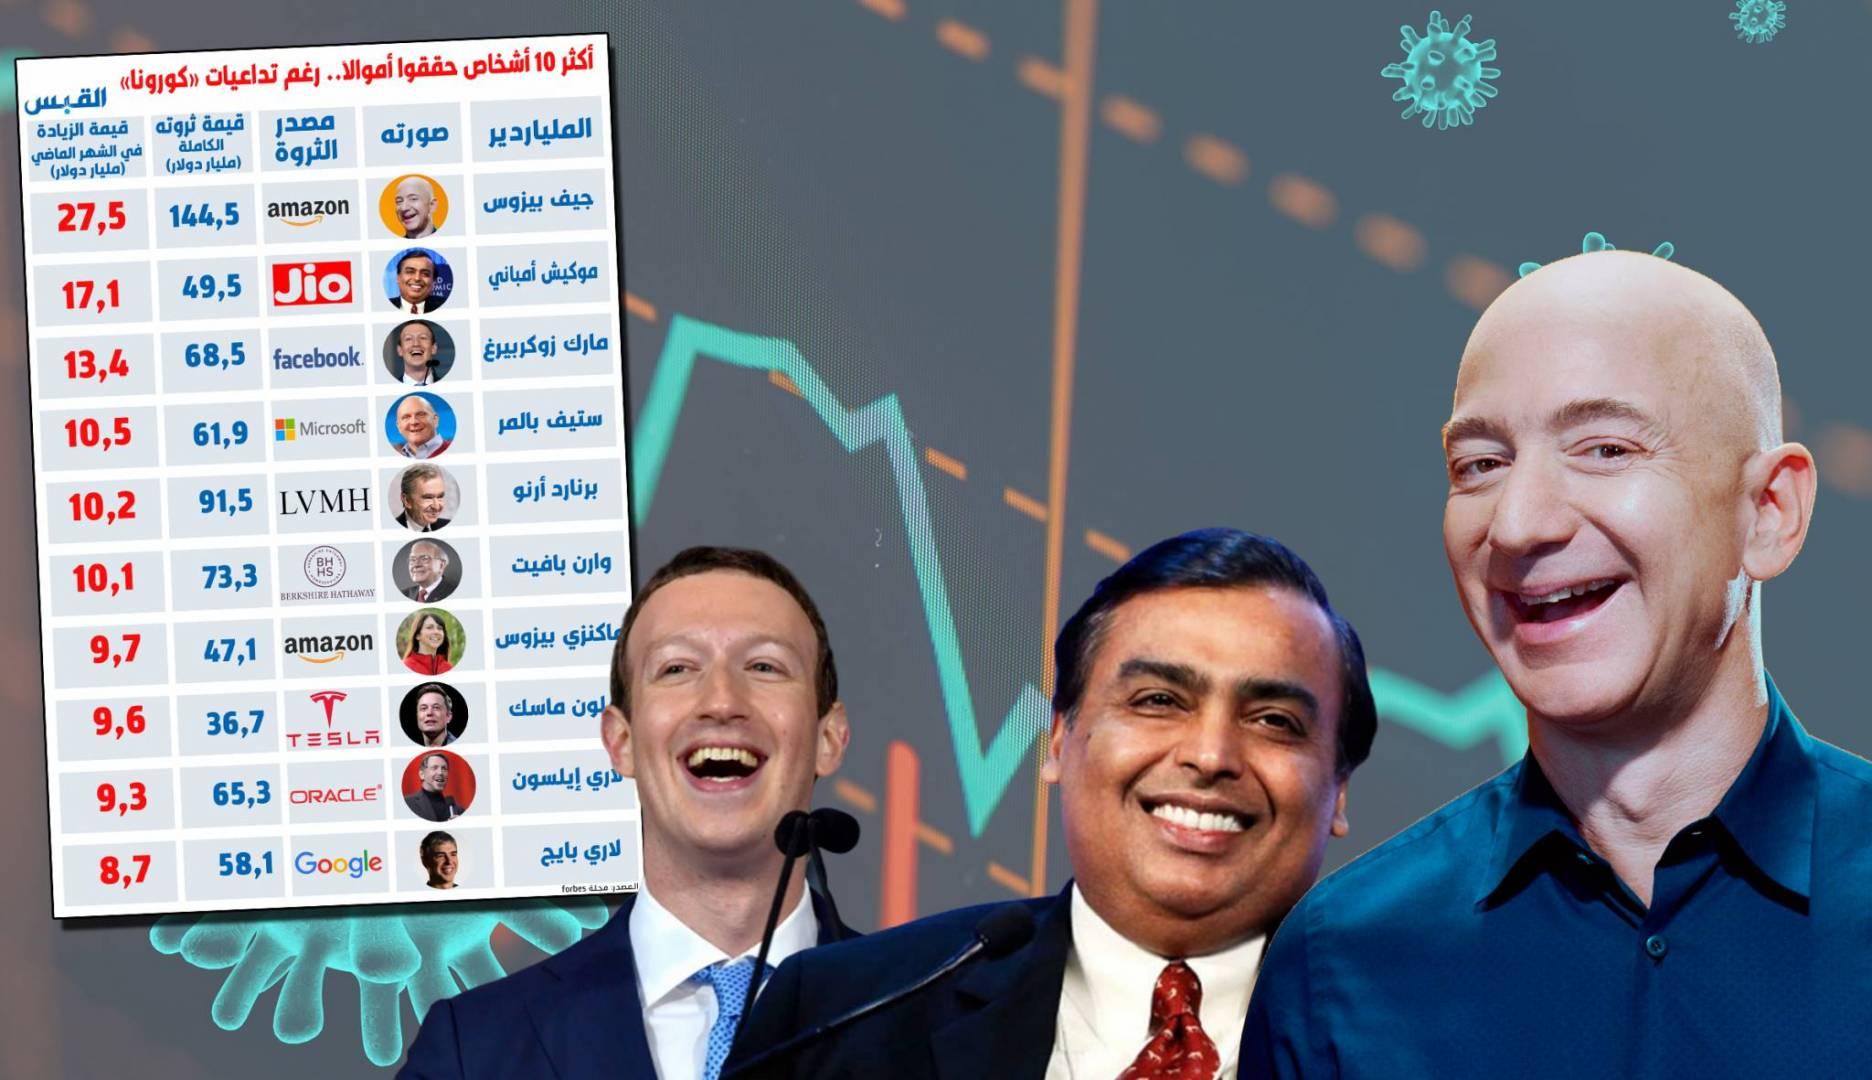 10 أشخاص حققوا 126 مليار دولار.. خلال شهر مارس الماضي